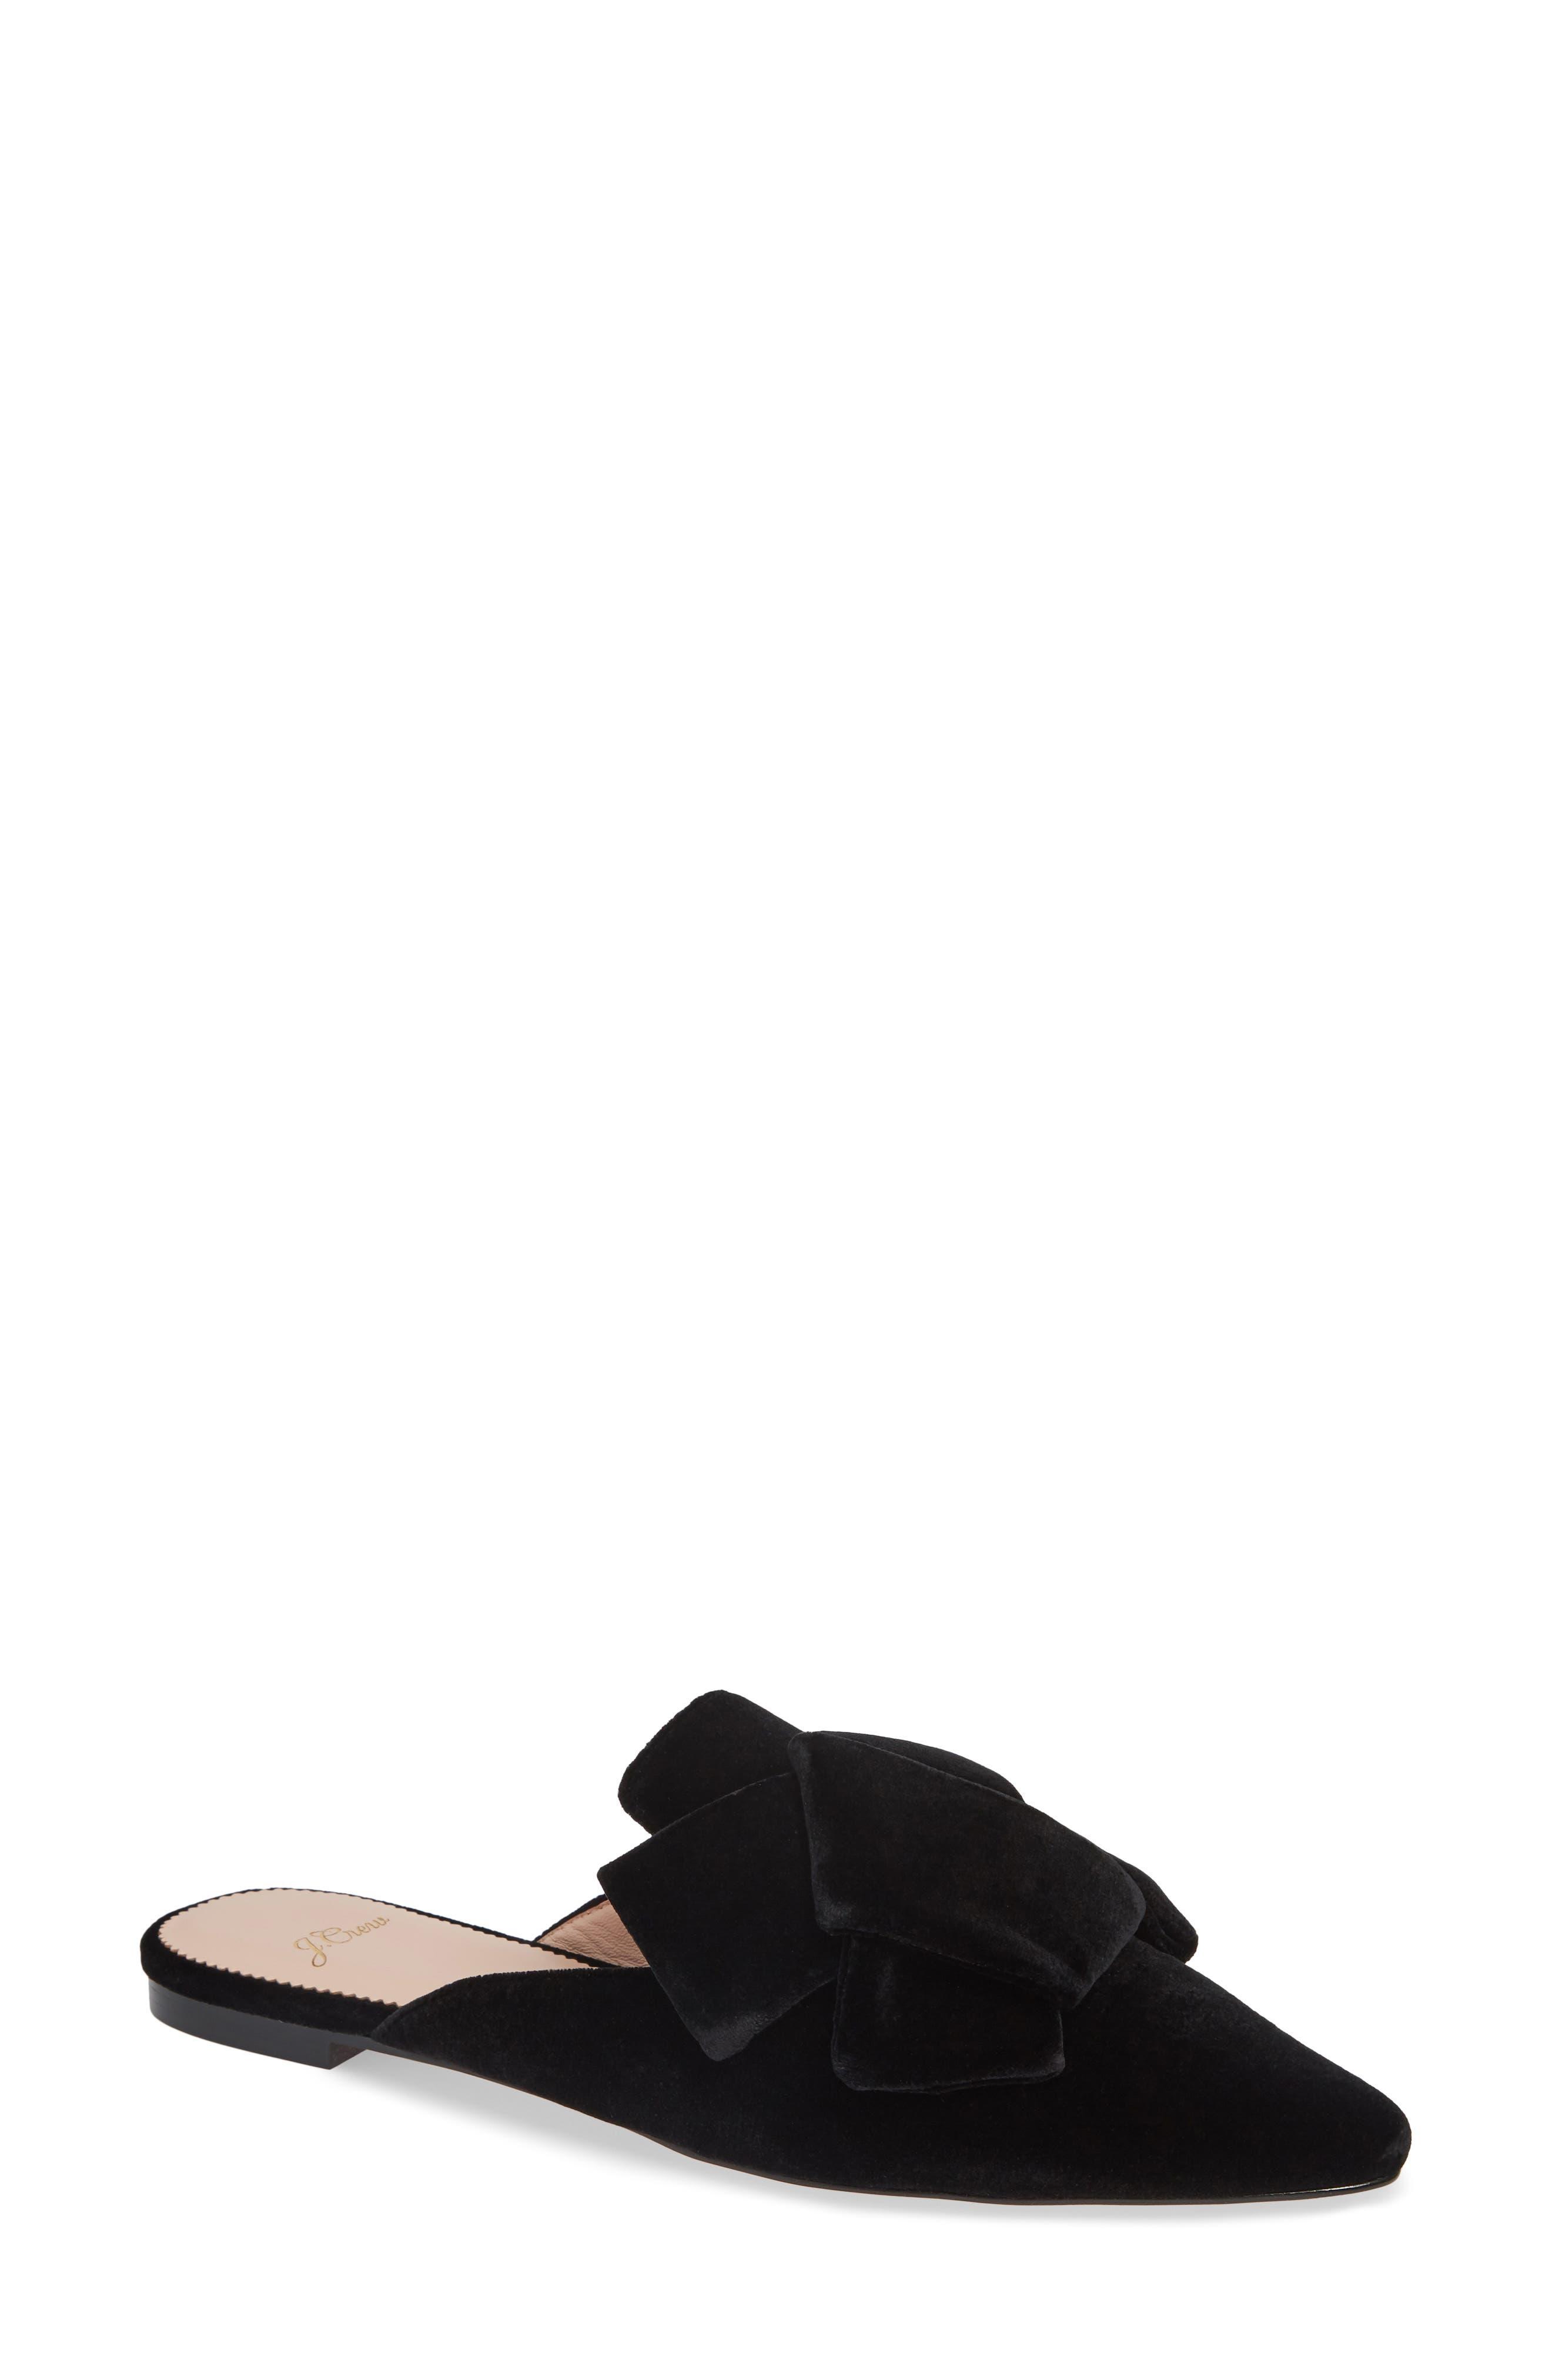 J.CREW Pointed Toe Slide Sandal, Main, color, BLACK VELVET